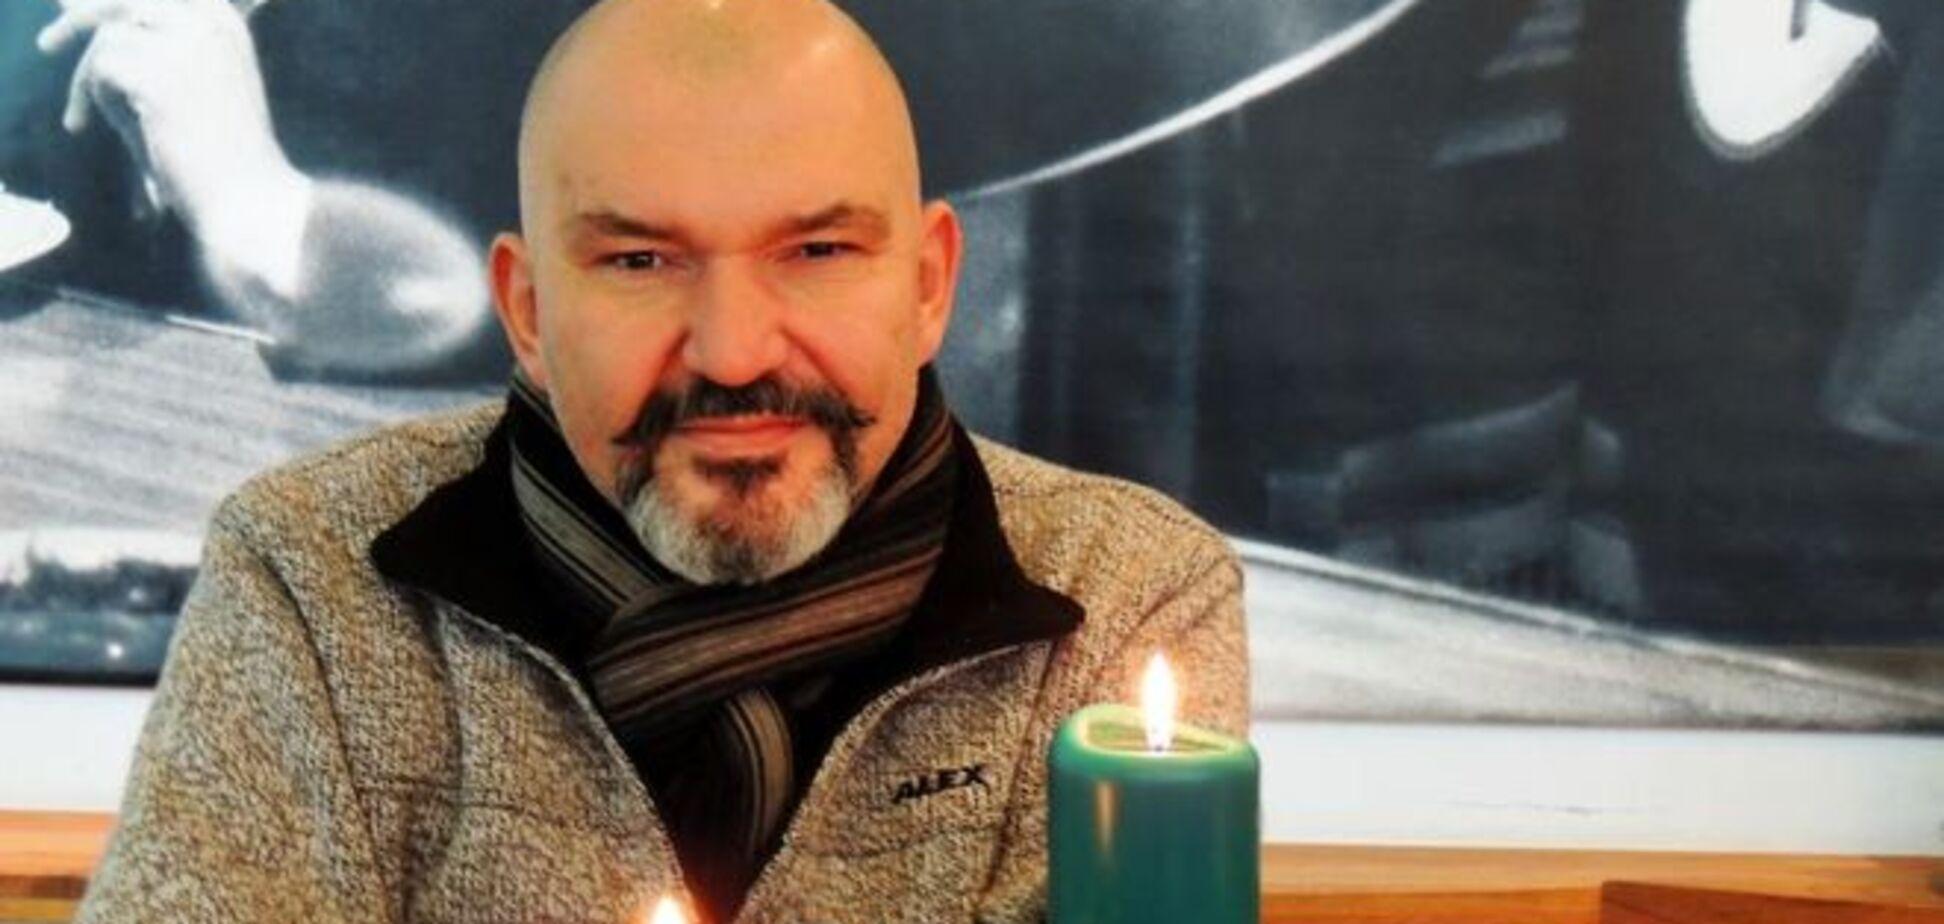 Звезды написали трогательные письма умирающему актеру Венгерову: опубликован текст